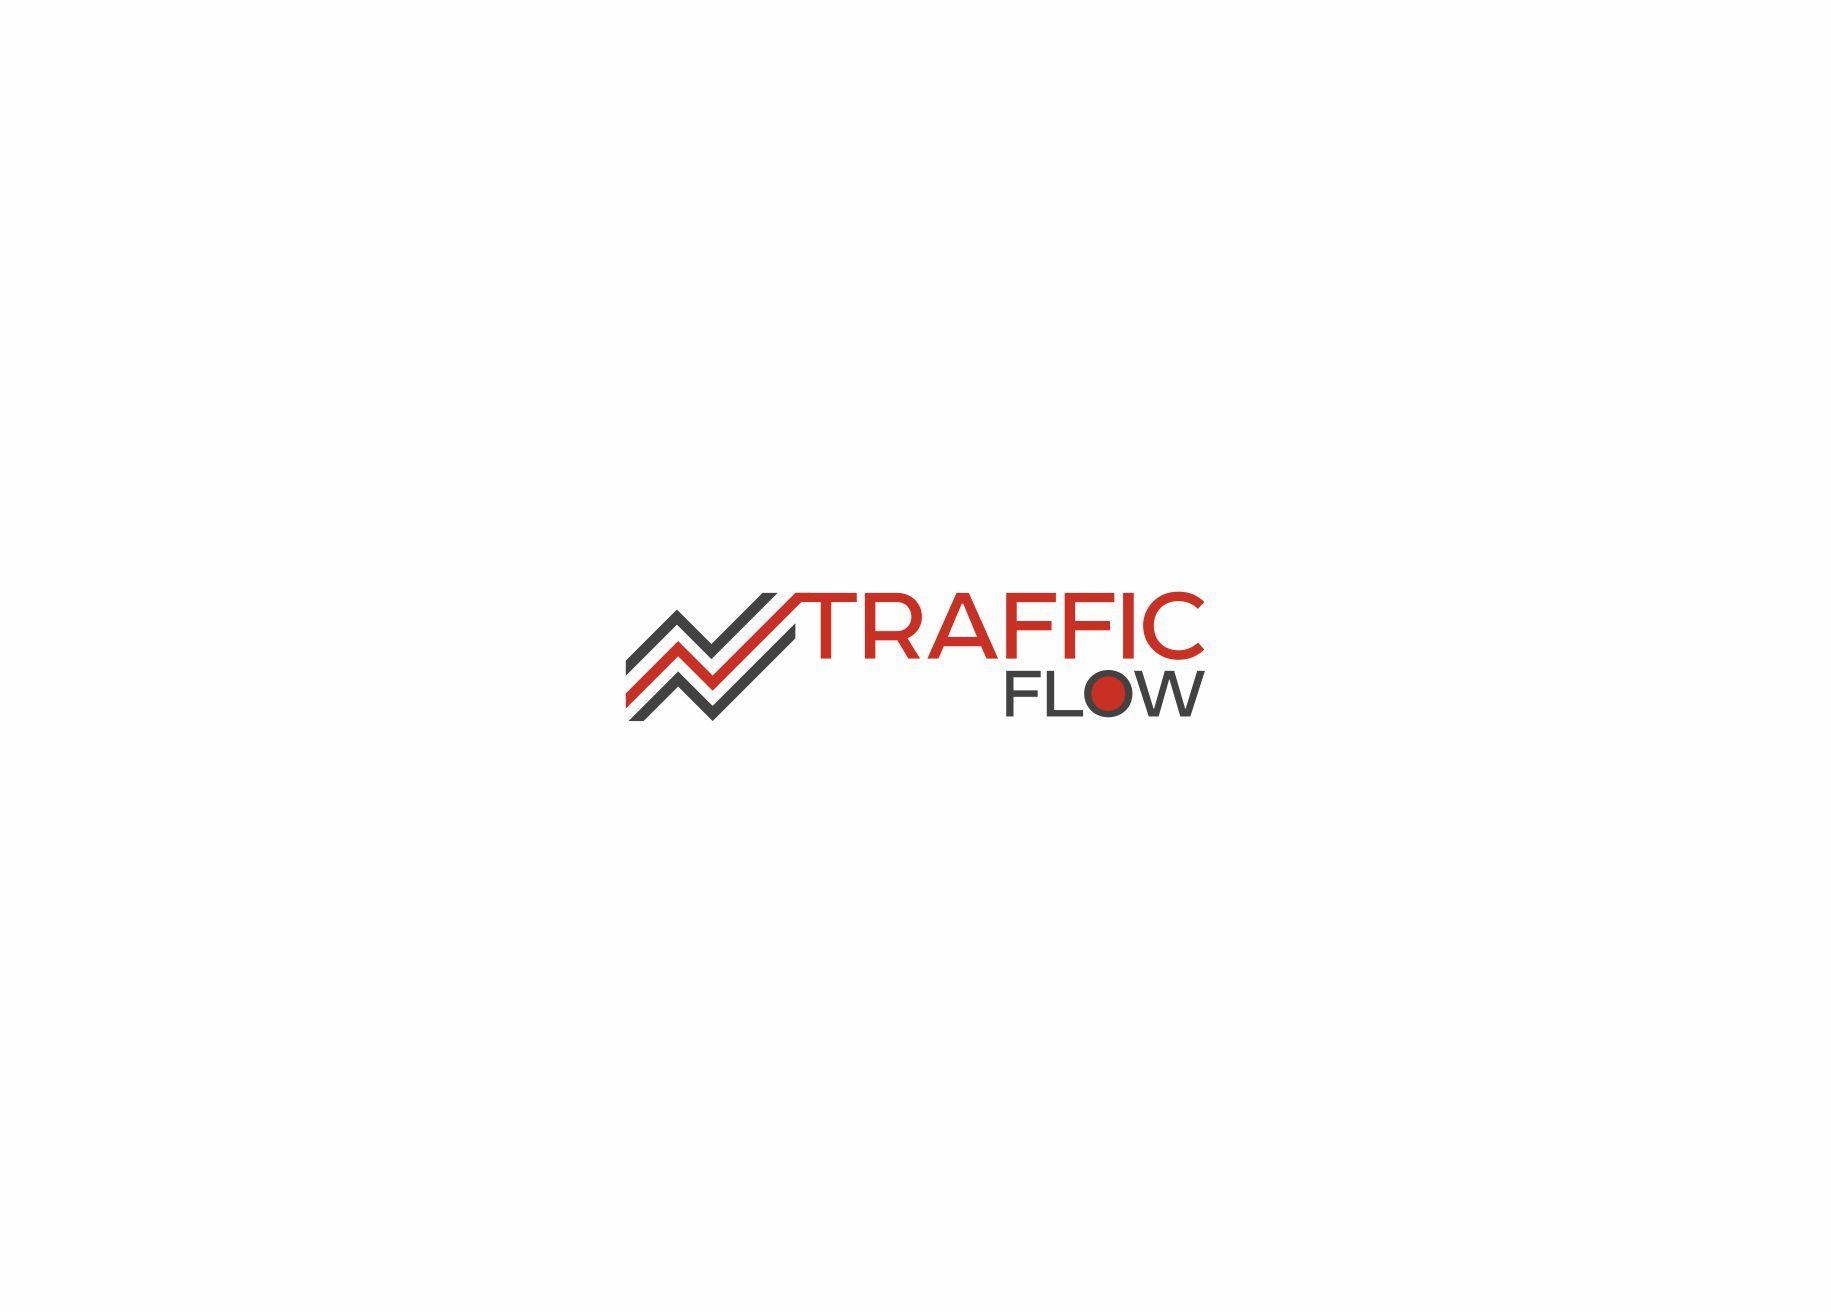 Лого и фирменный стиль для Traffic Flow - дизайнер graphin4ik